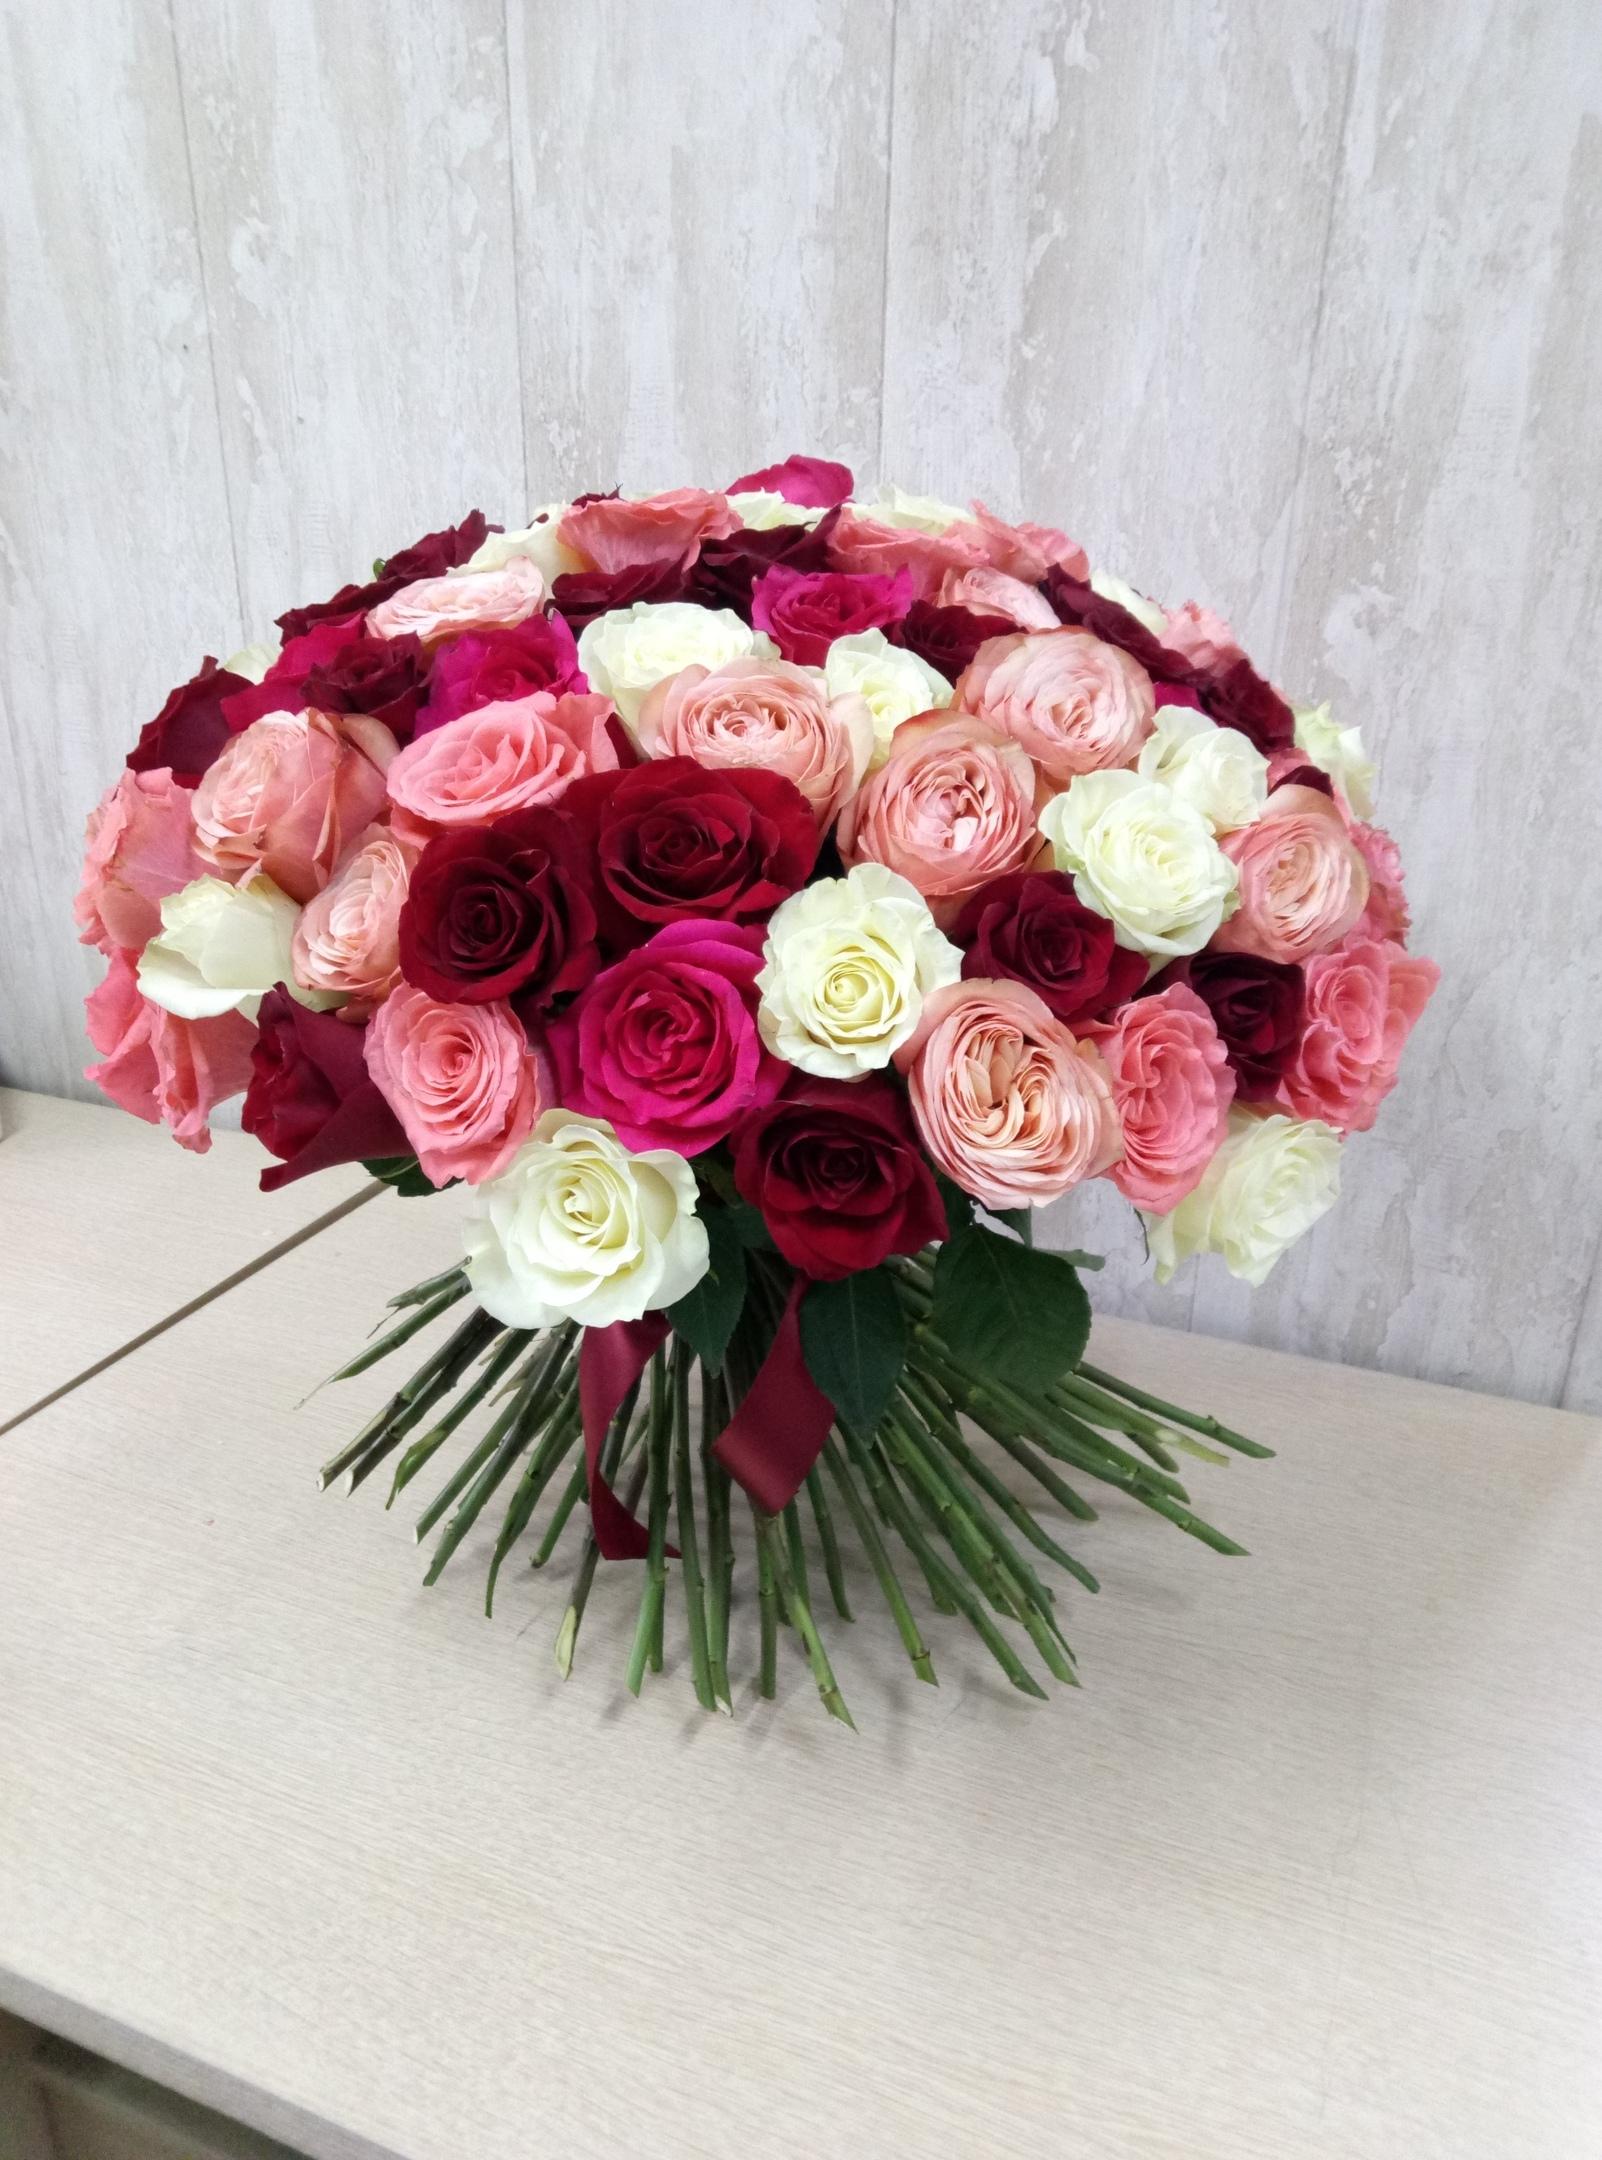 Порадовал интернет заказ цветов в улан-удэ, розу